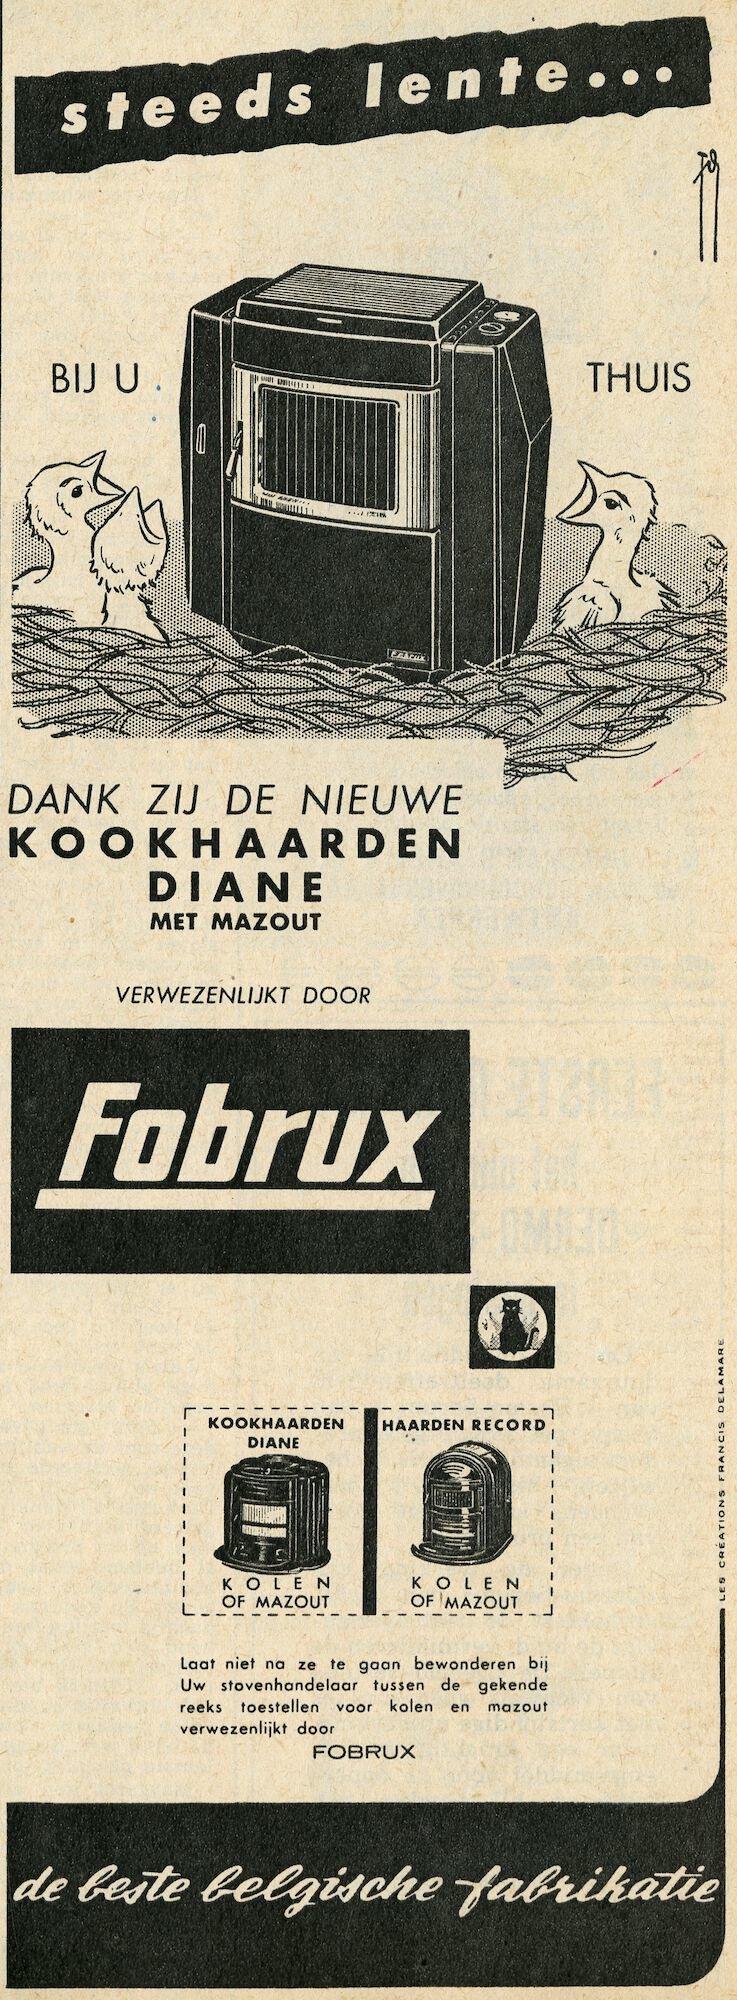 Reclame voor kookhaarden van het merk Fobrux